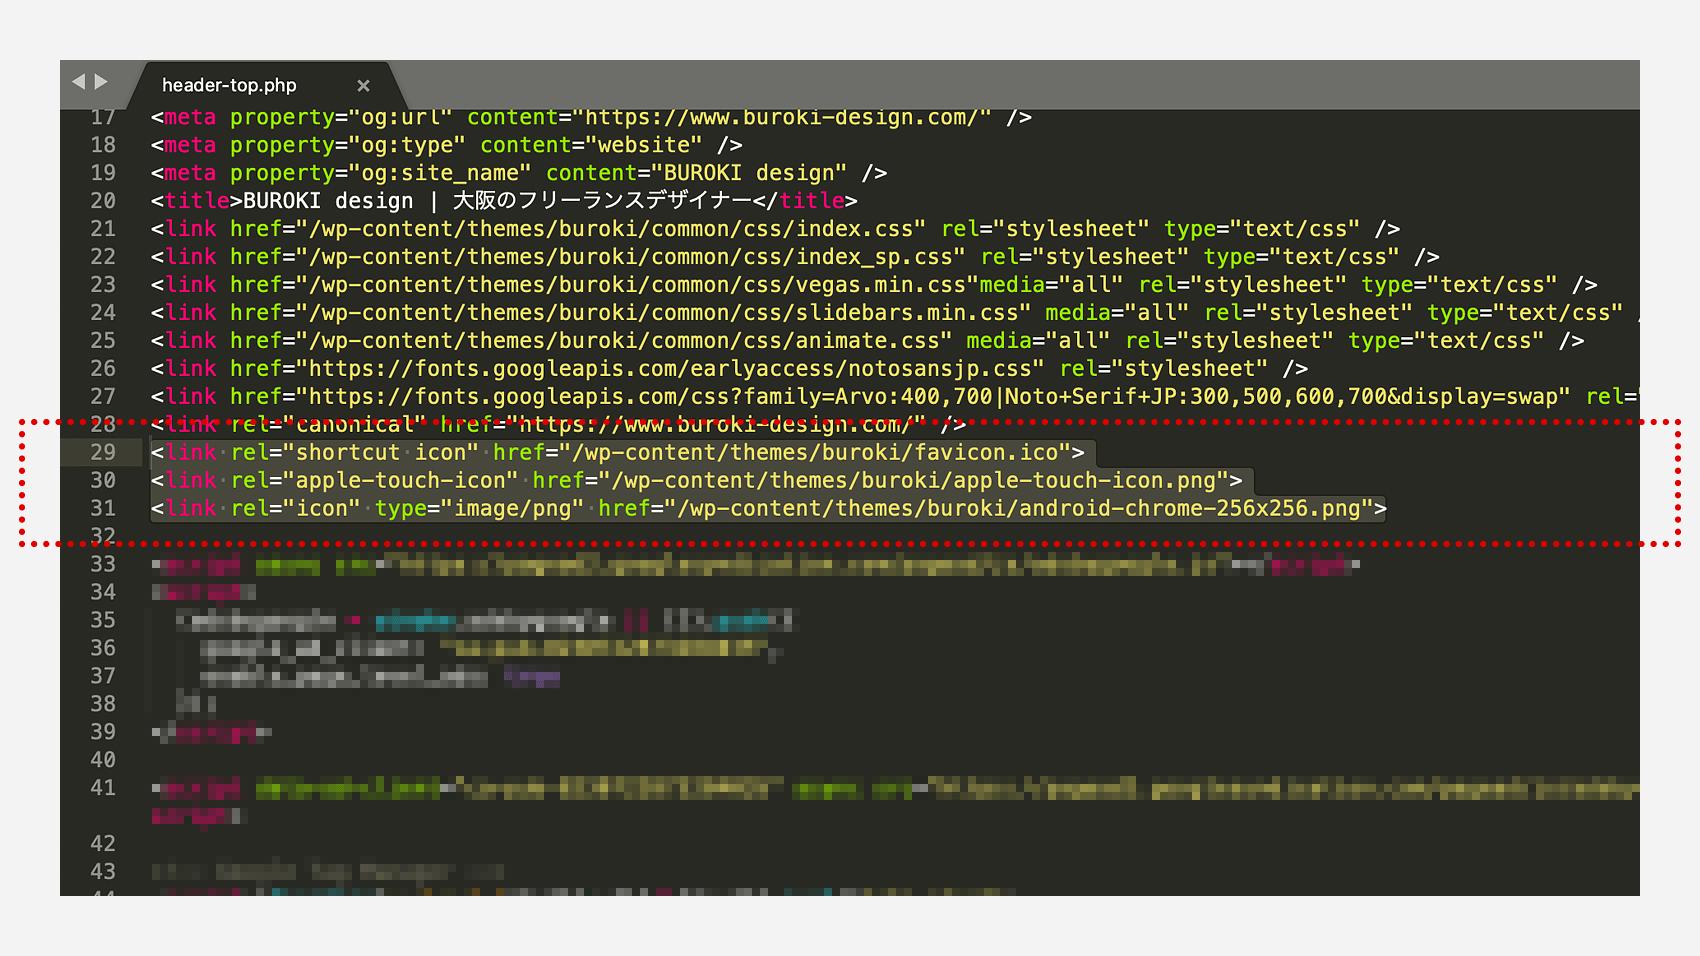 htmlコードにファビコンのコードを追加